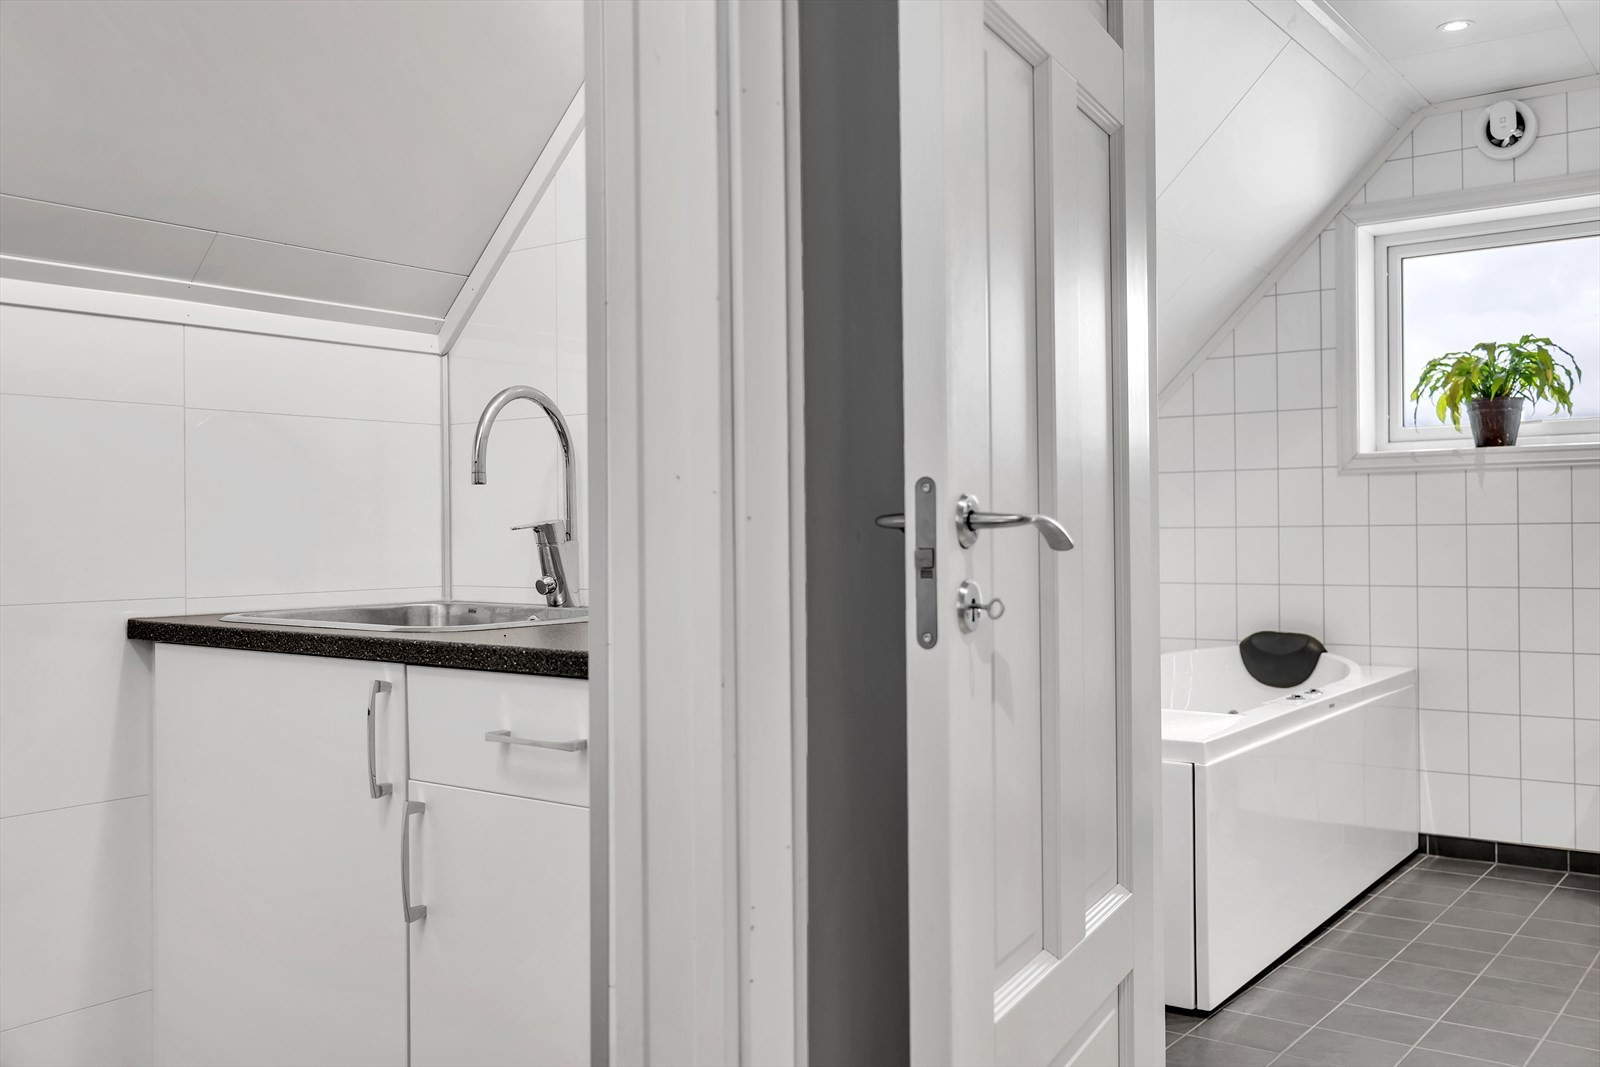 Eier har også etablert et praktisk vaskerom vegg i vegg med badet